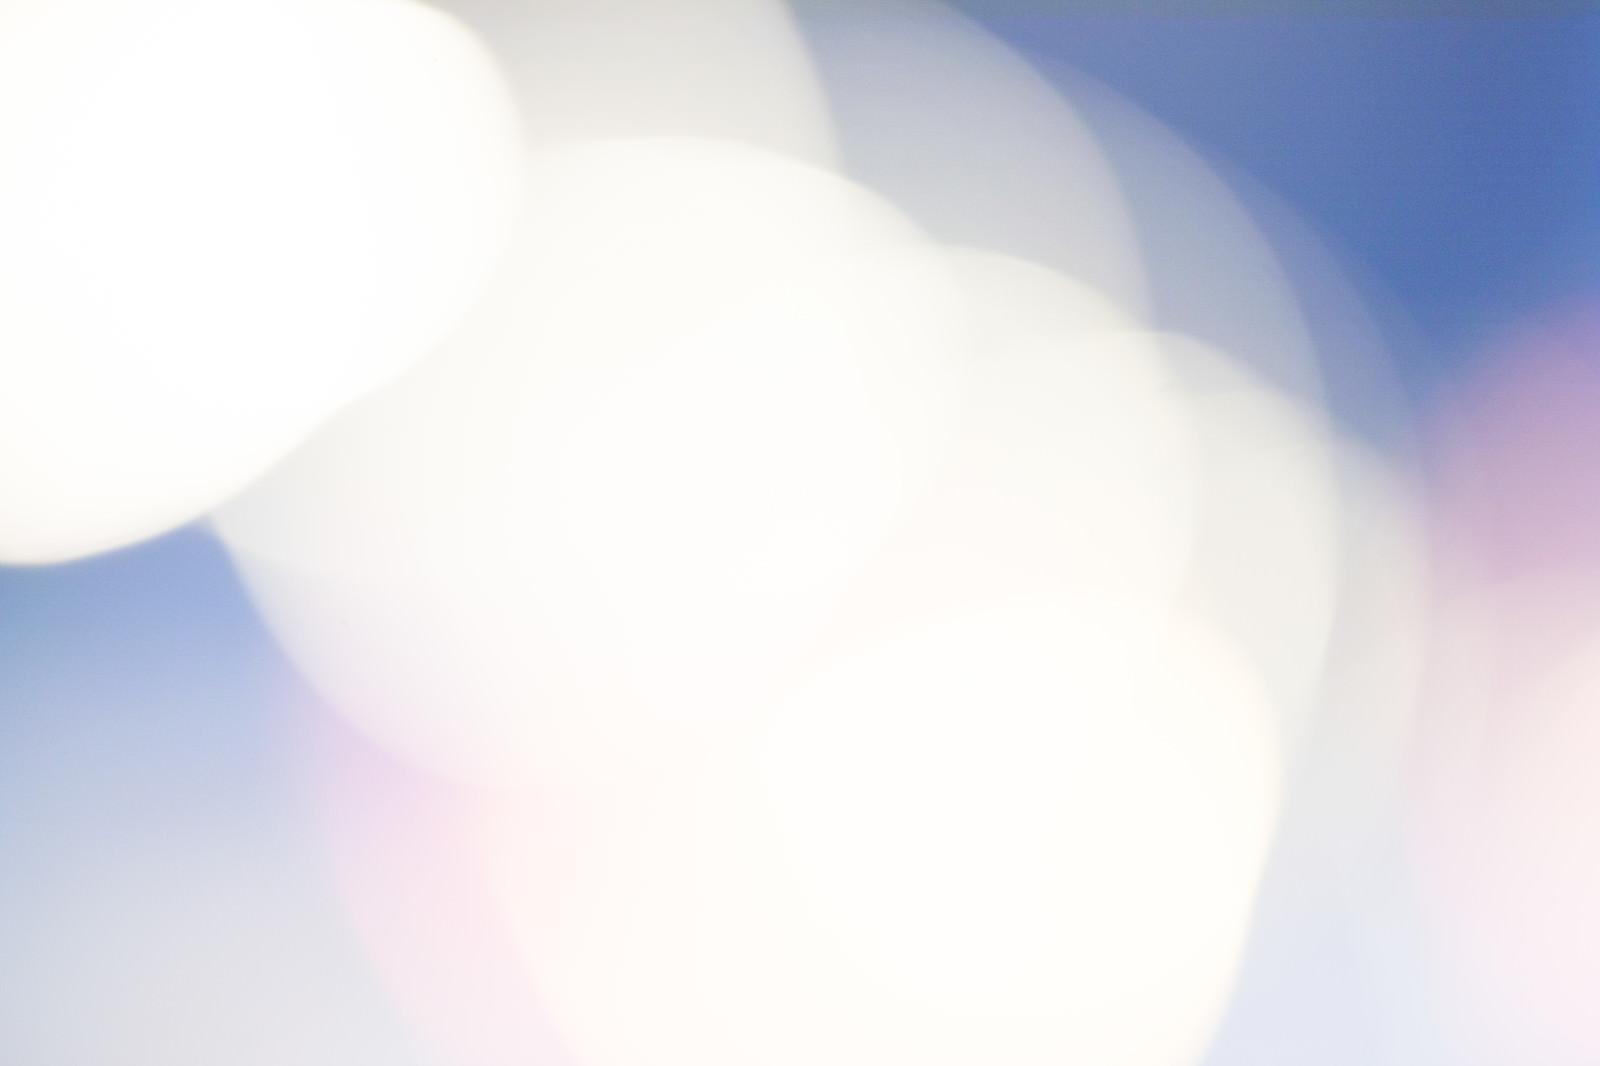 「スライドの背景にしやすい寒色のボケた光」の写真